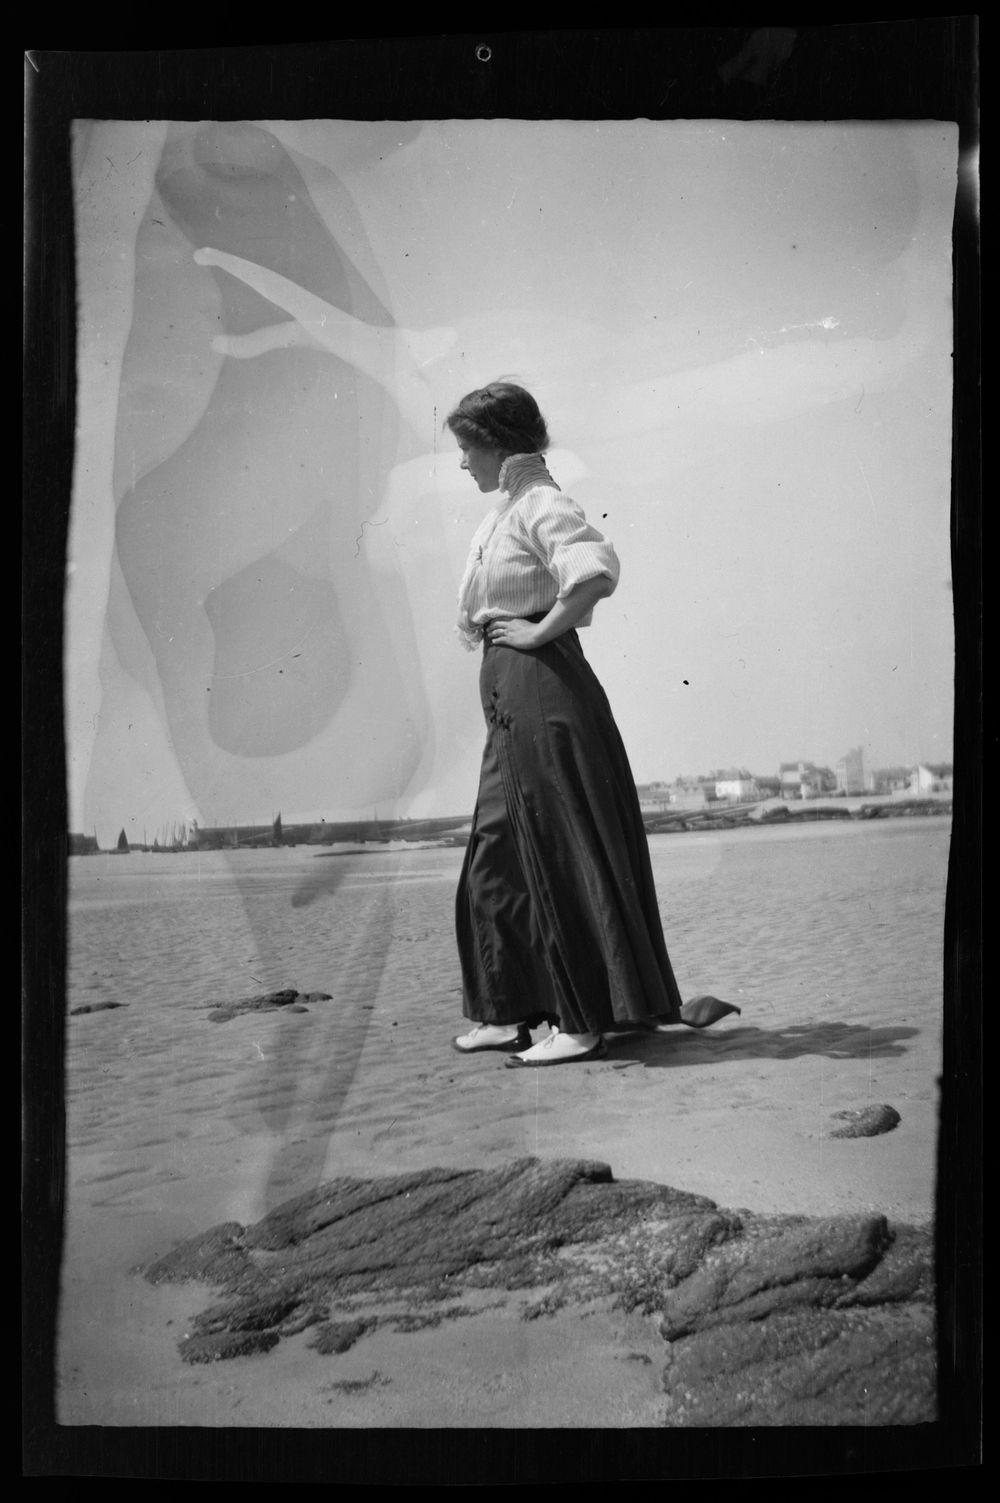 Anni Simberg Bretagnen hiekkarannoilla